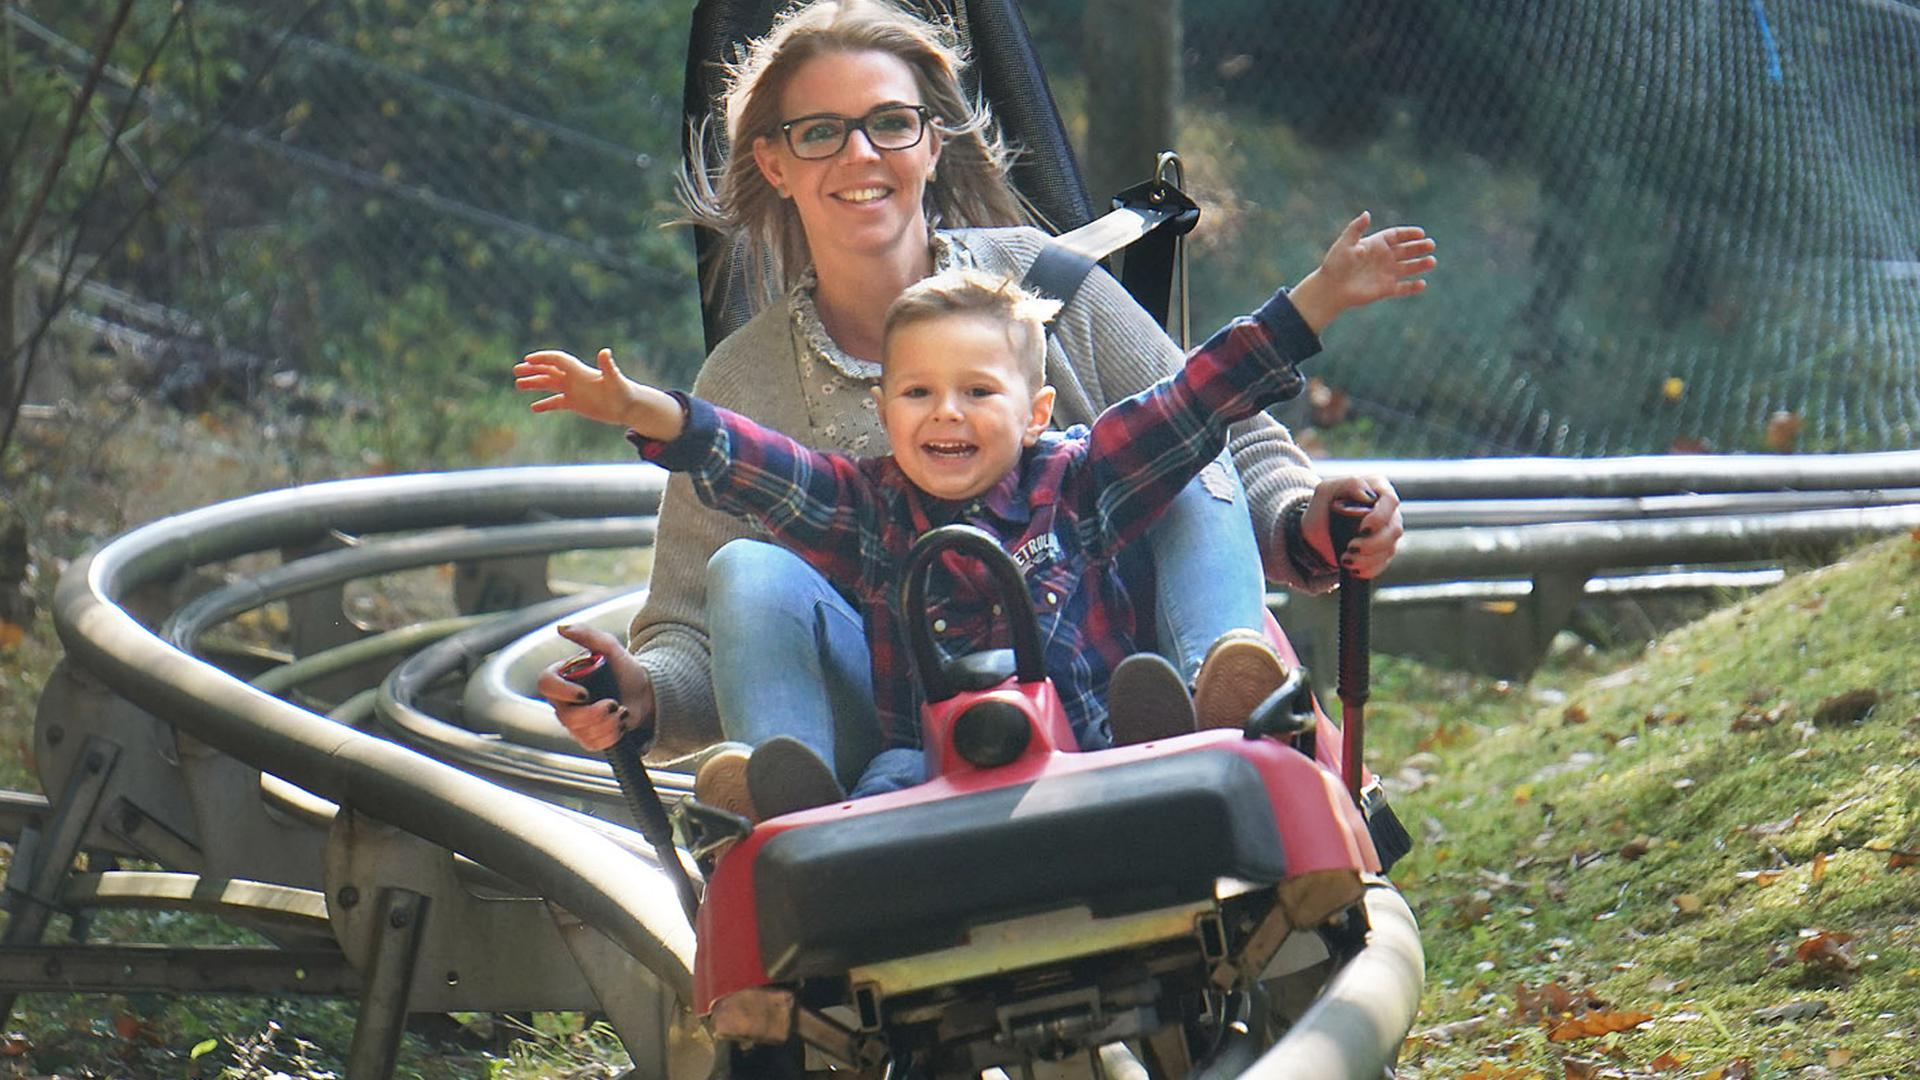 Mutter und Kinder in der Sommerrodelbahn im Kurpfalz-Park im Pfälzer Wachenheim.